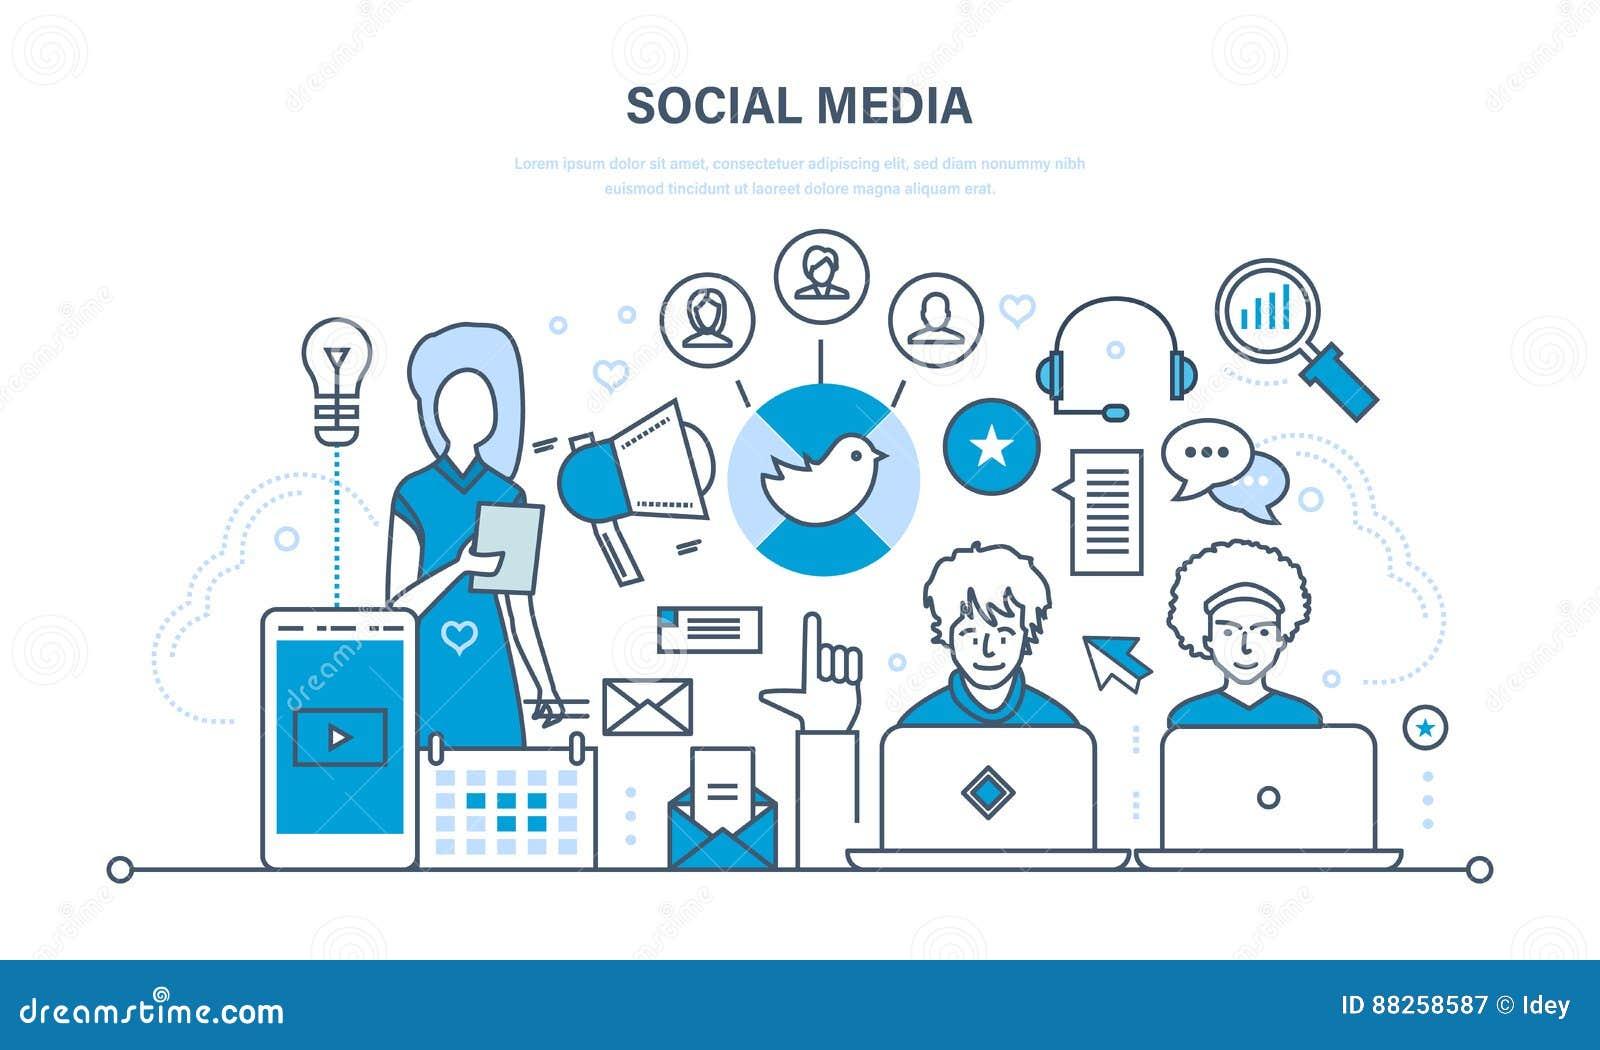 Κοινωνική έννοια μέσων Επικοινωνίες, συντήρηση και υποστήριξη, ανταλλαγή πληροφοριών, τεχνολογία